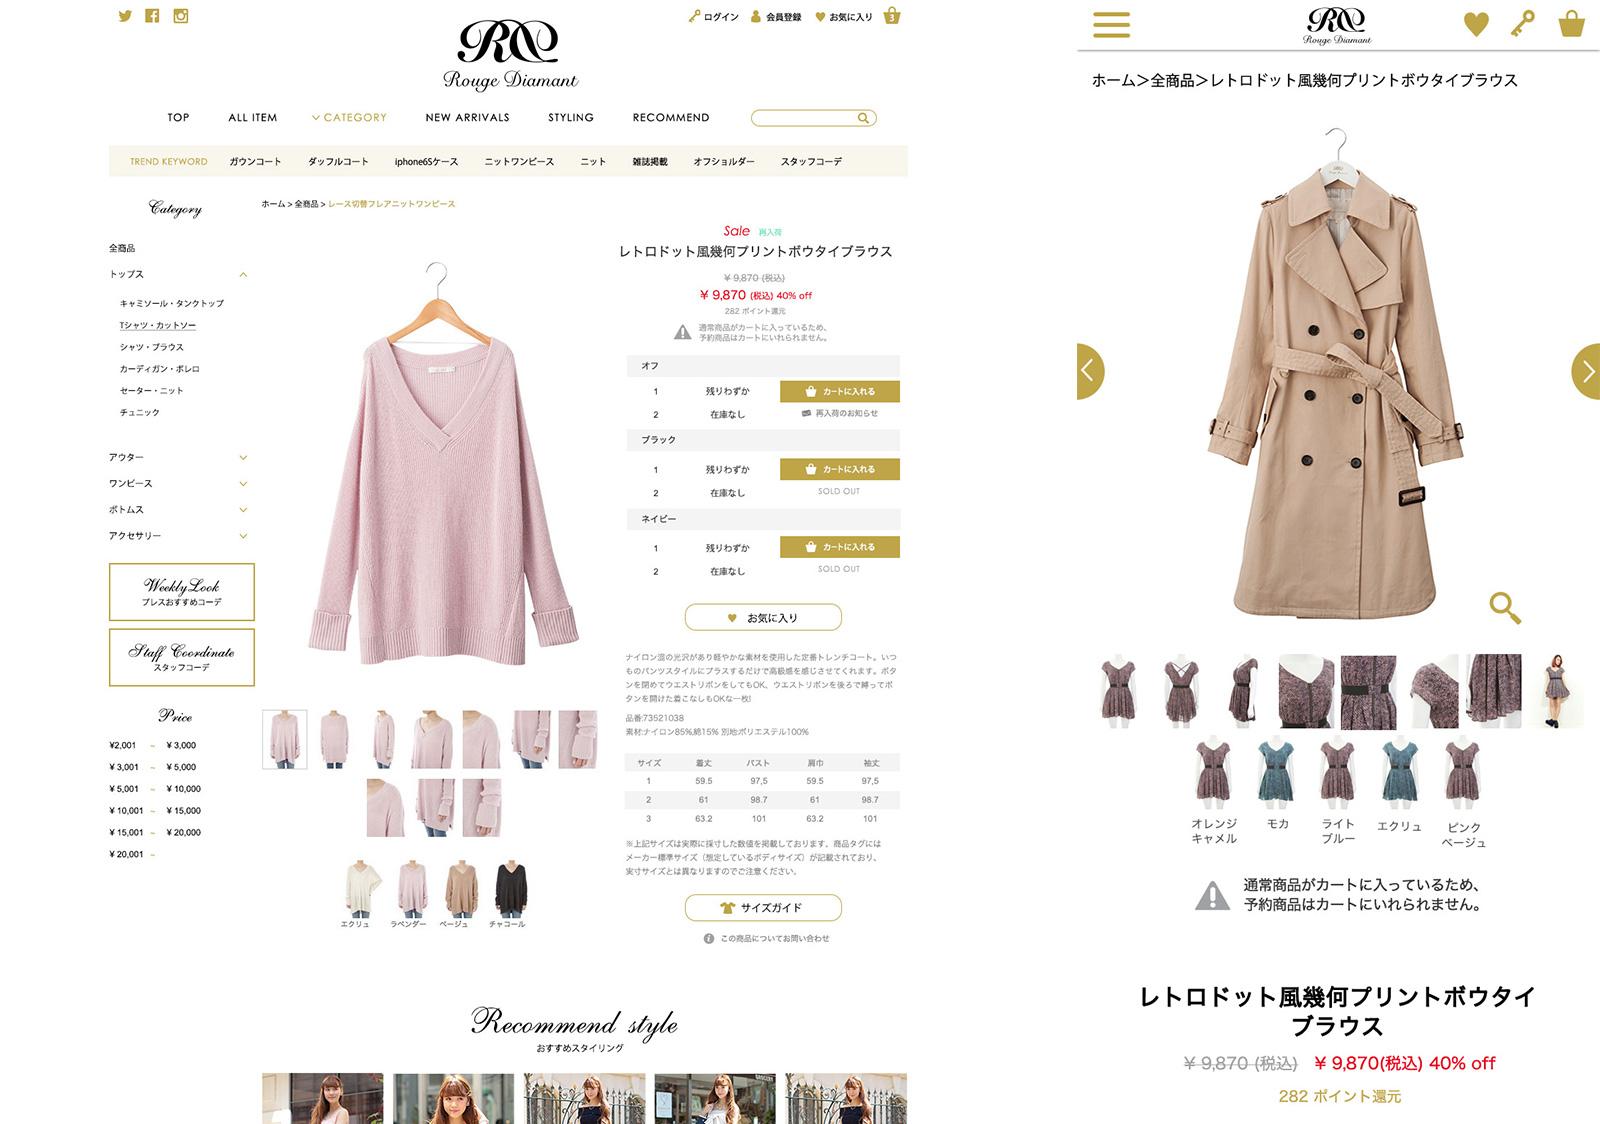 http://artpeace.jp/wp-content/uploads/2018/06/rdwork.png